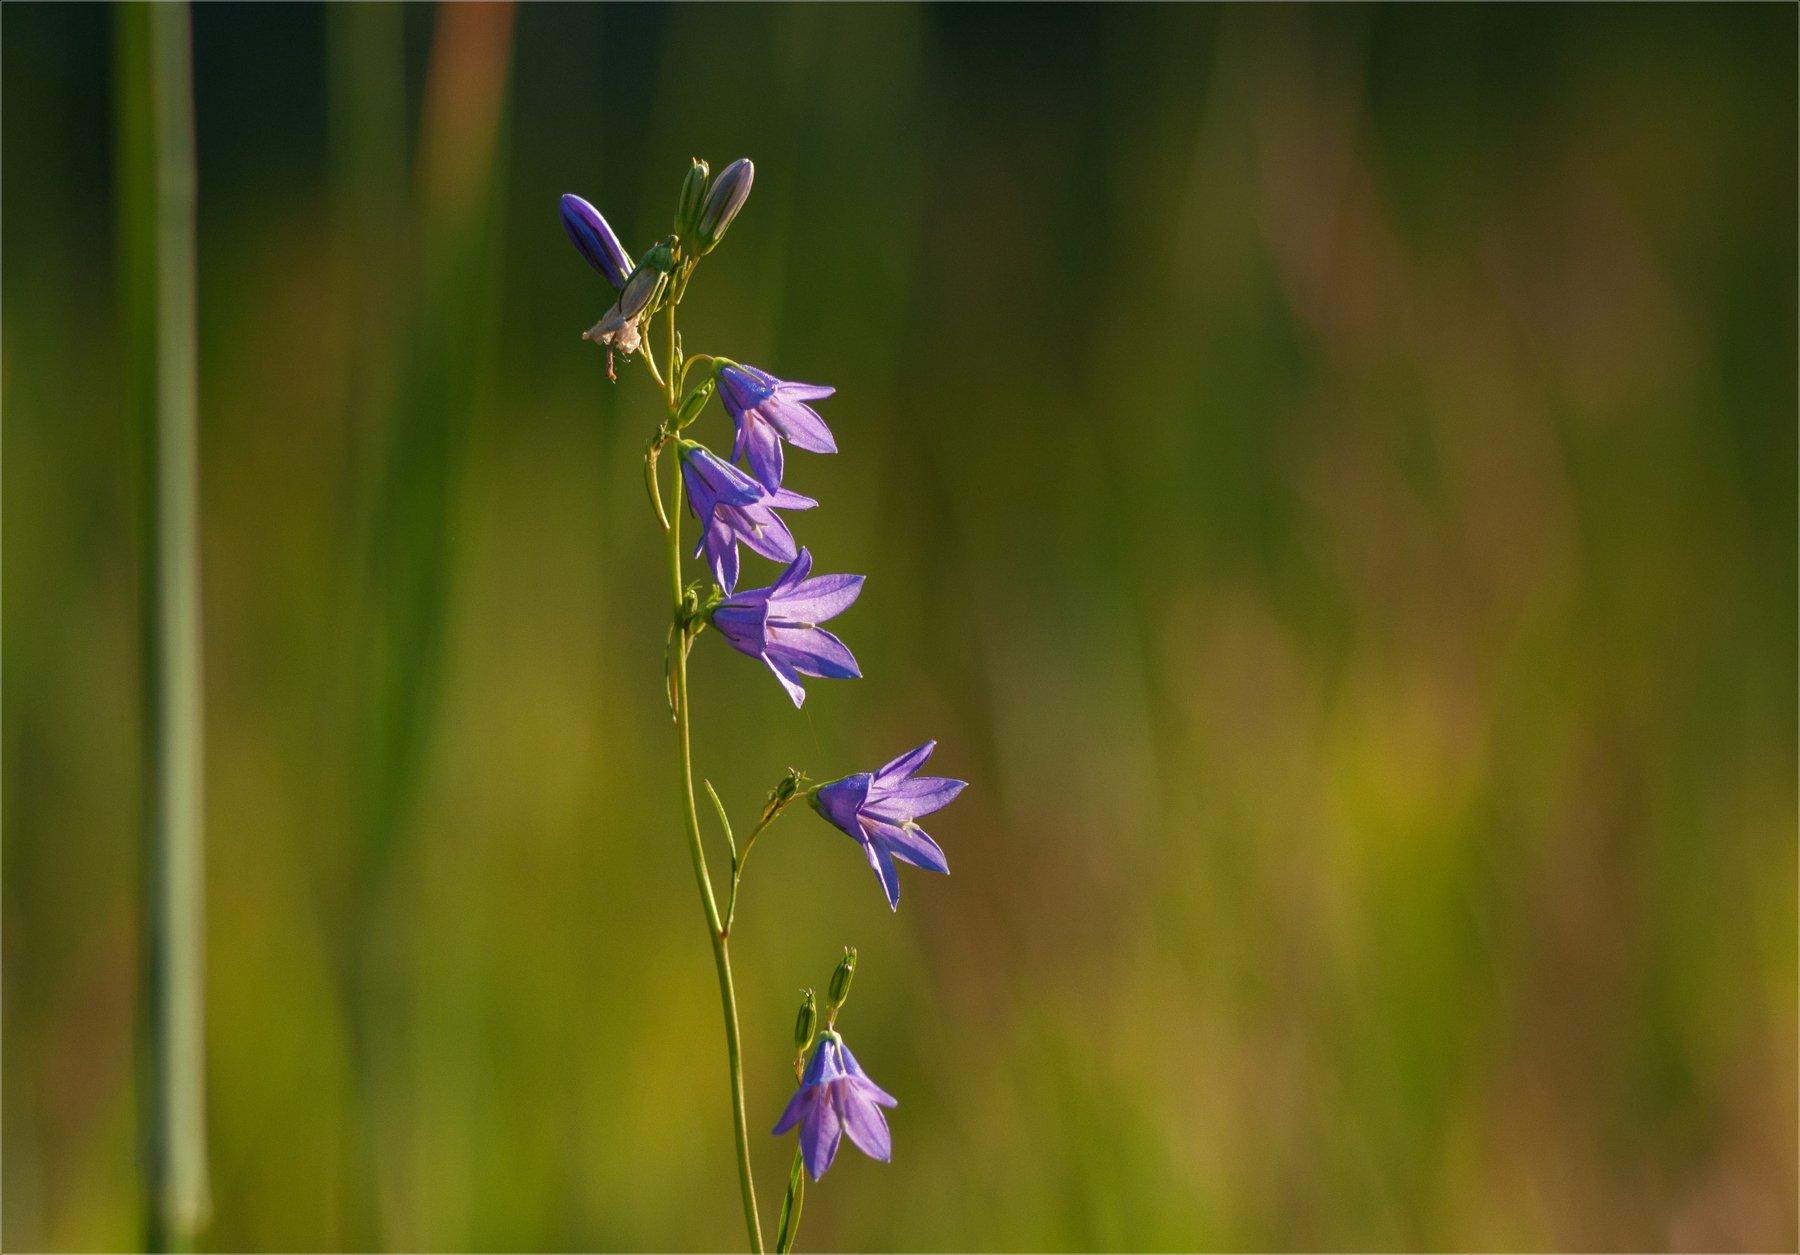 nature, природа,  растение, цветы, цветок, макро, цвести,  красота, колокольчики, минимализм, полевые цветы, луговые цветы, Михаил MSH